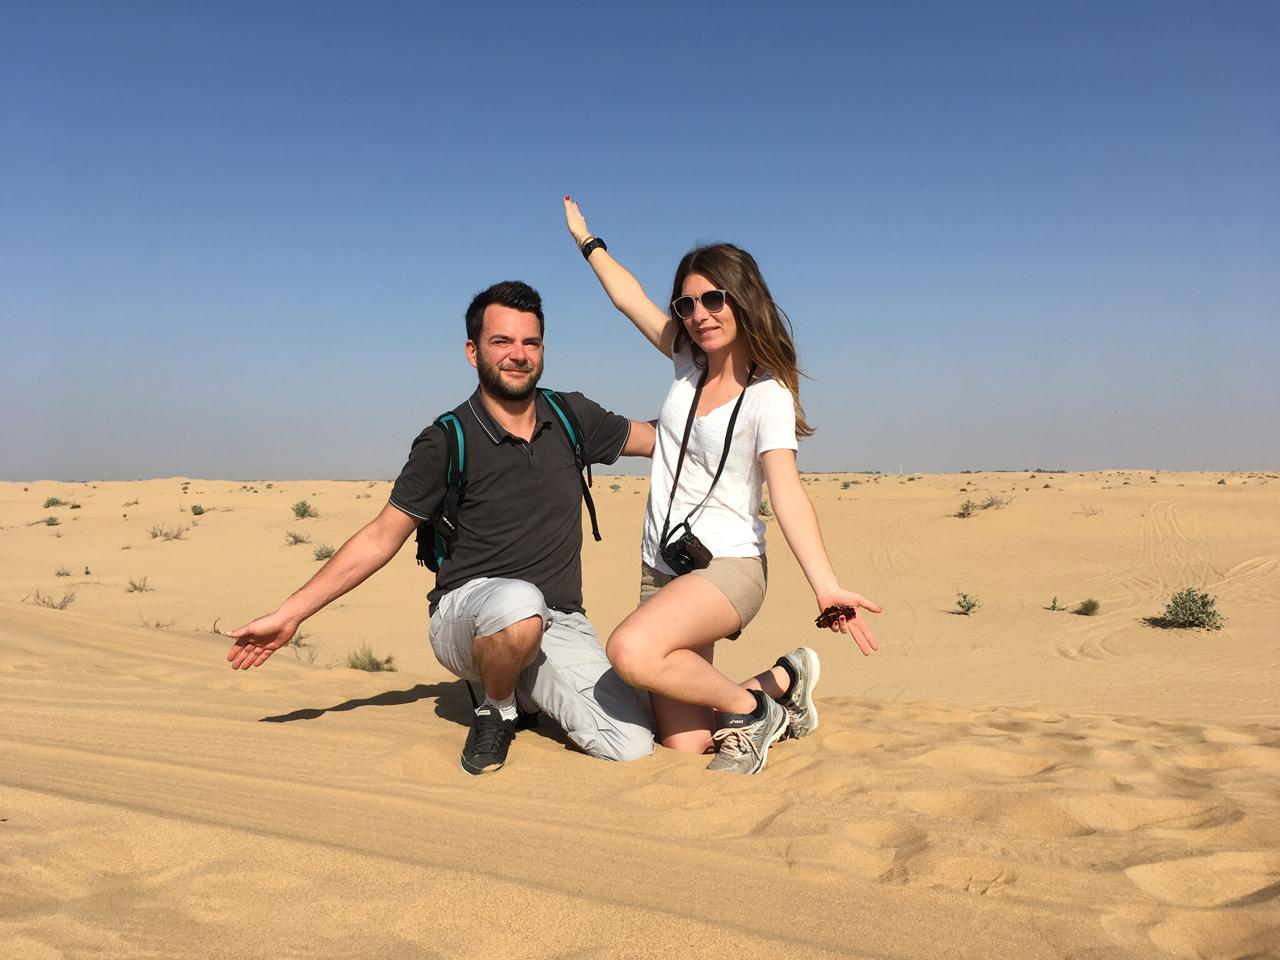 Photo 1: Escapade dans le désert, où comment s'évader de Dubai !